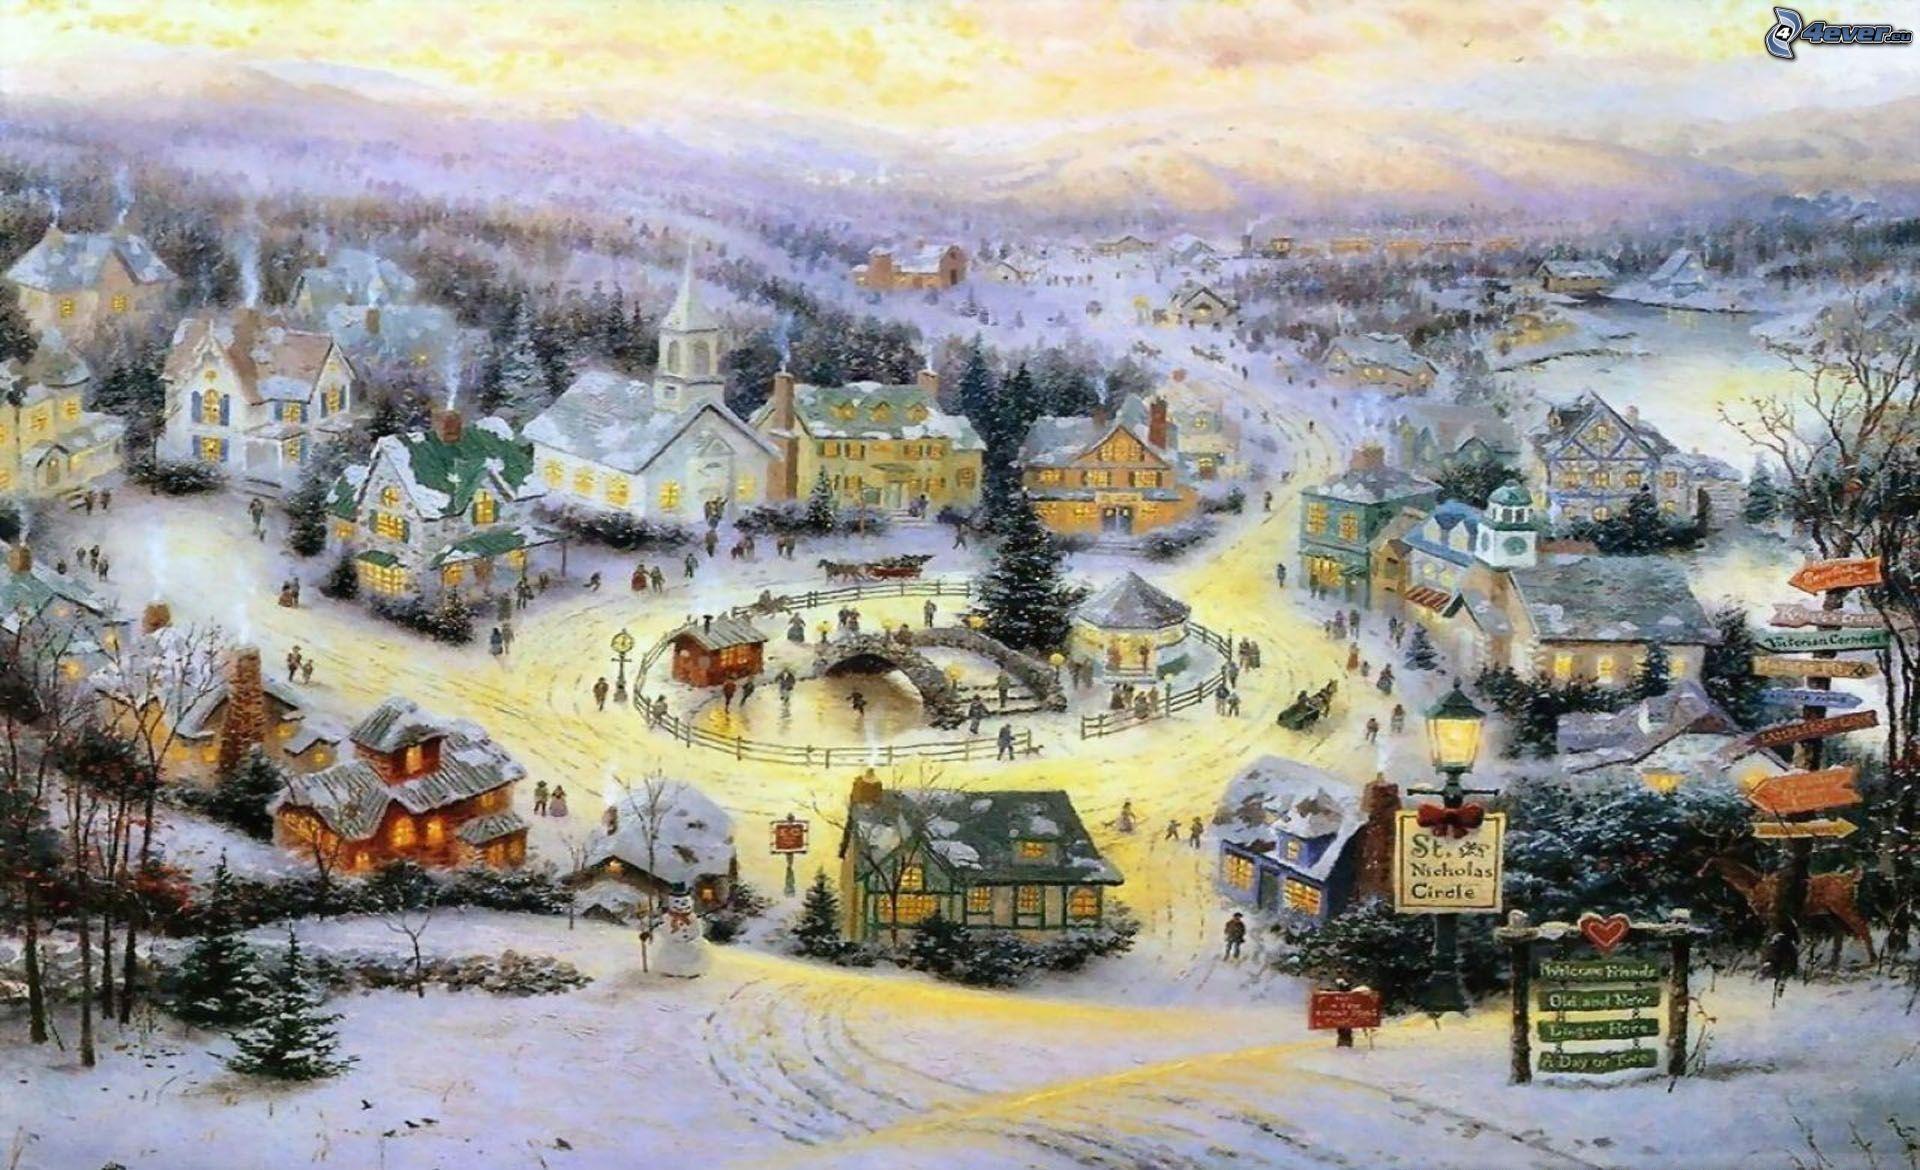 Wallpaper Thomas Christmas Living Kinkade